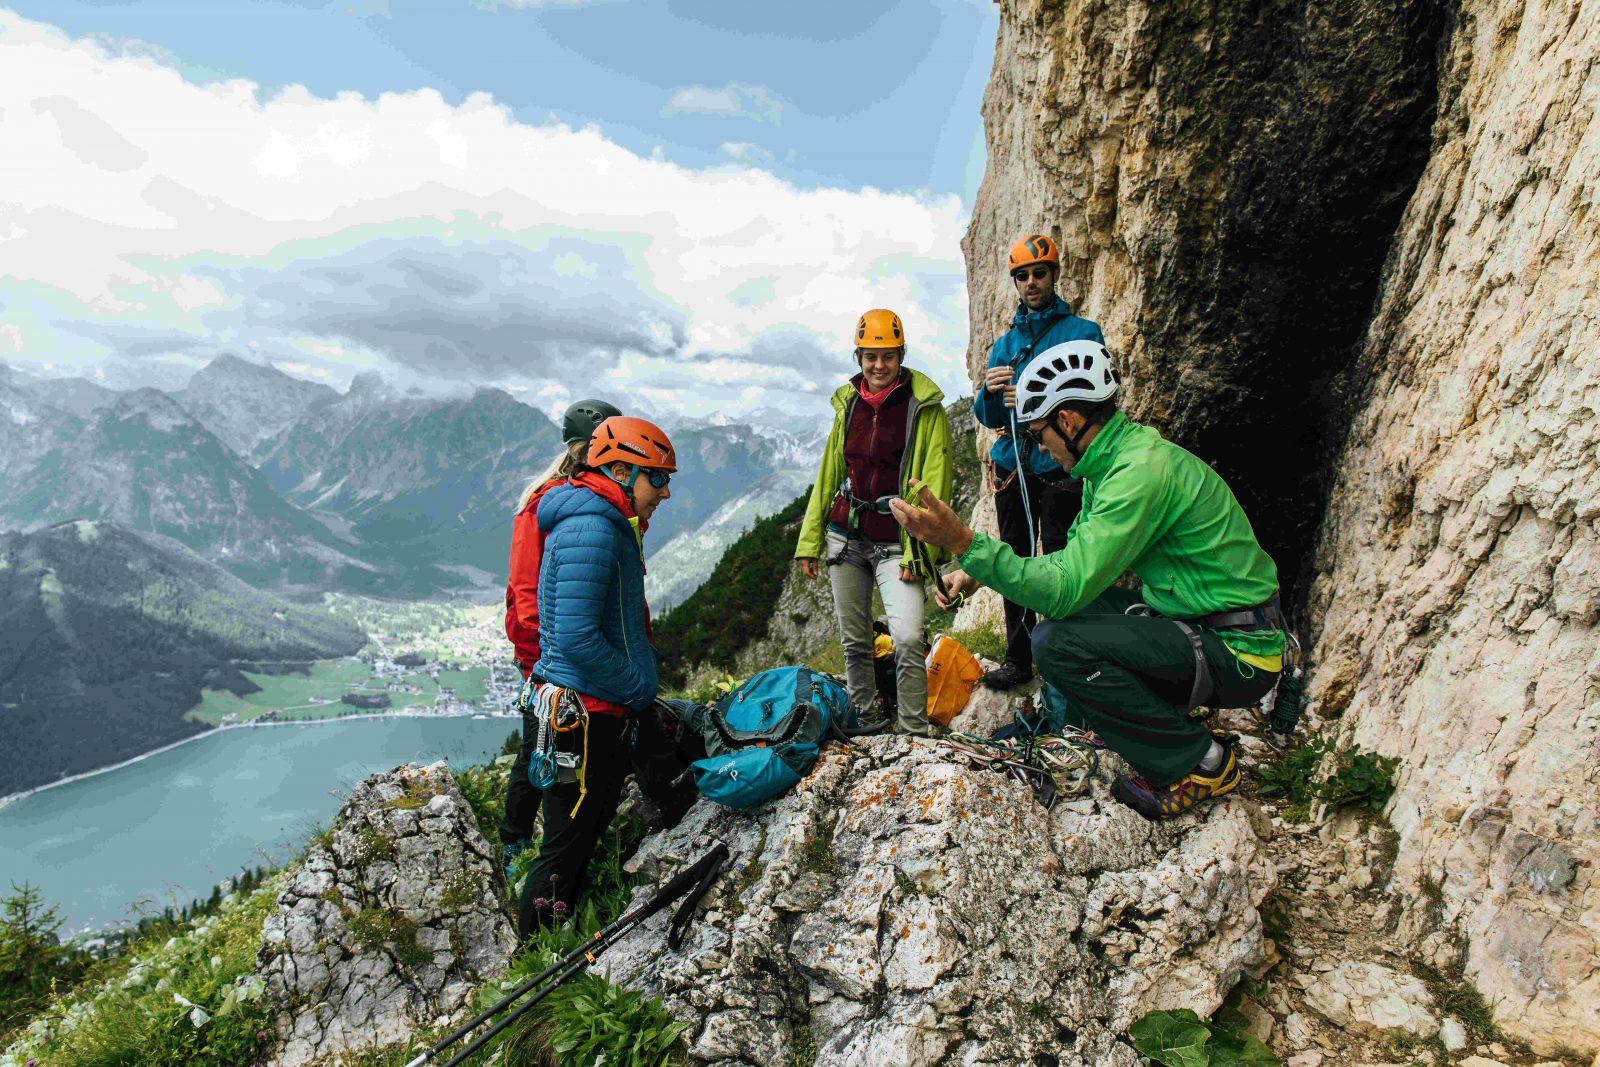 Klettern bei der Rotspitz am Achensee, Foto: sportalpen.com | Climbers Paradise